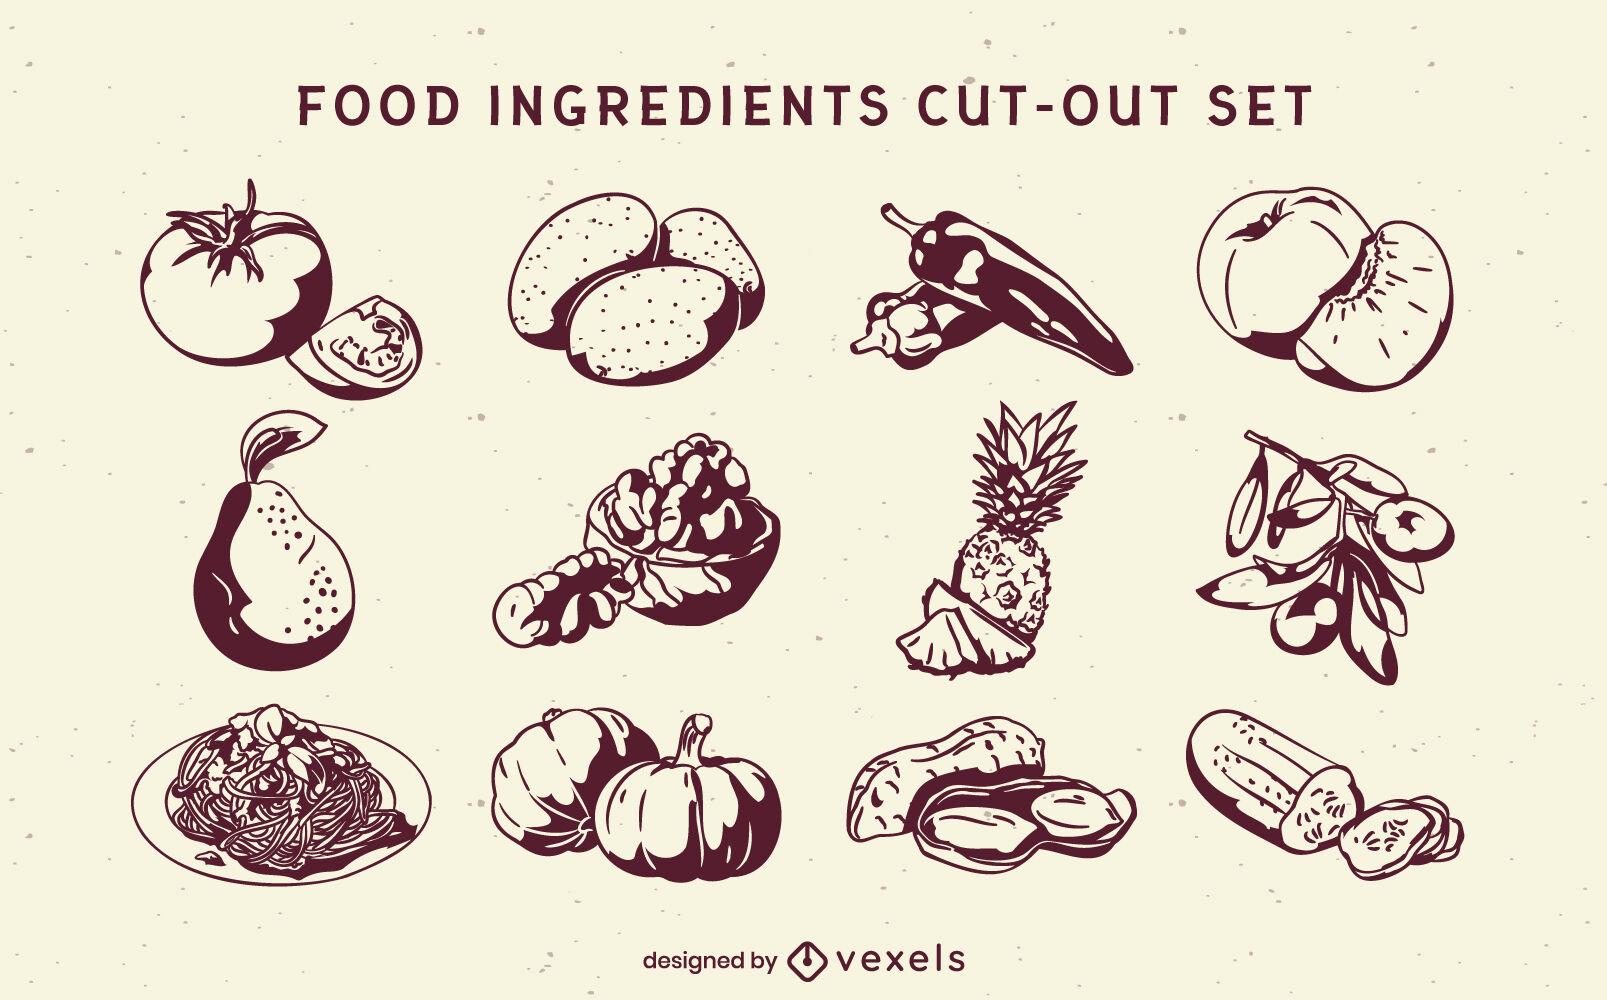 Conjunto de alto contraste de elementos e ingredientes alimentarios.